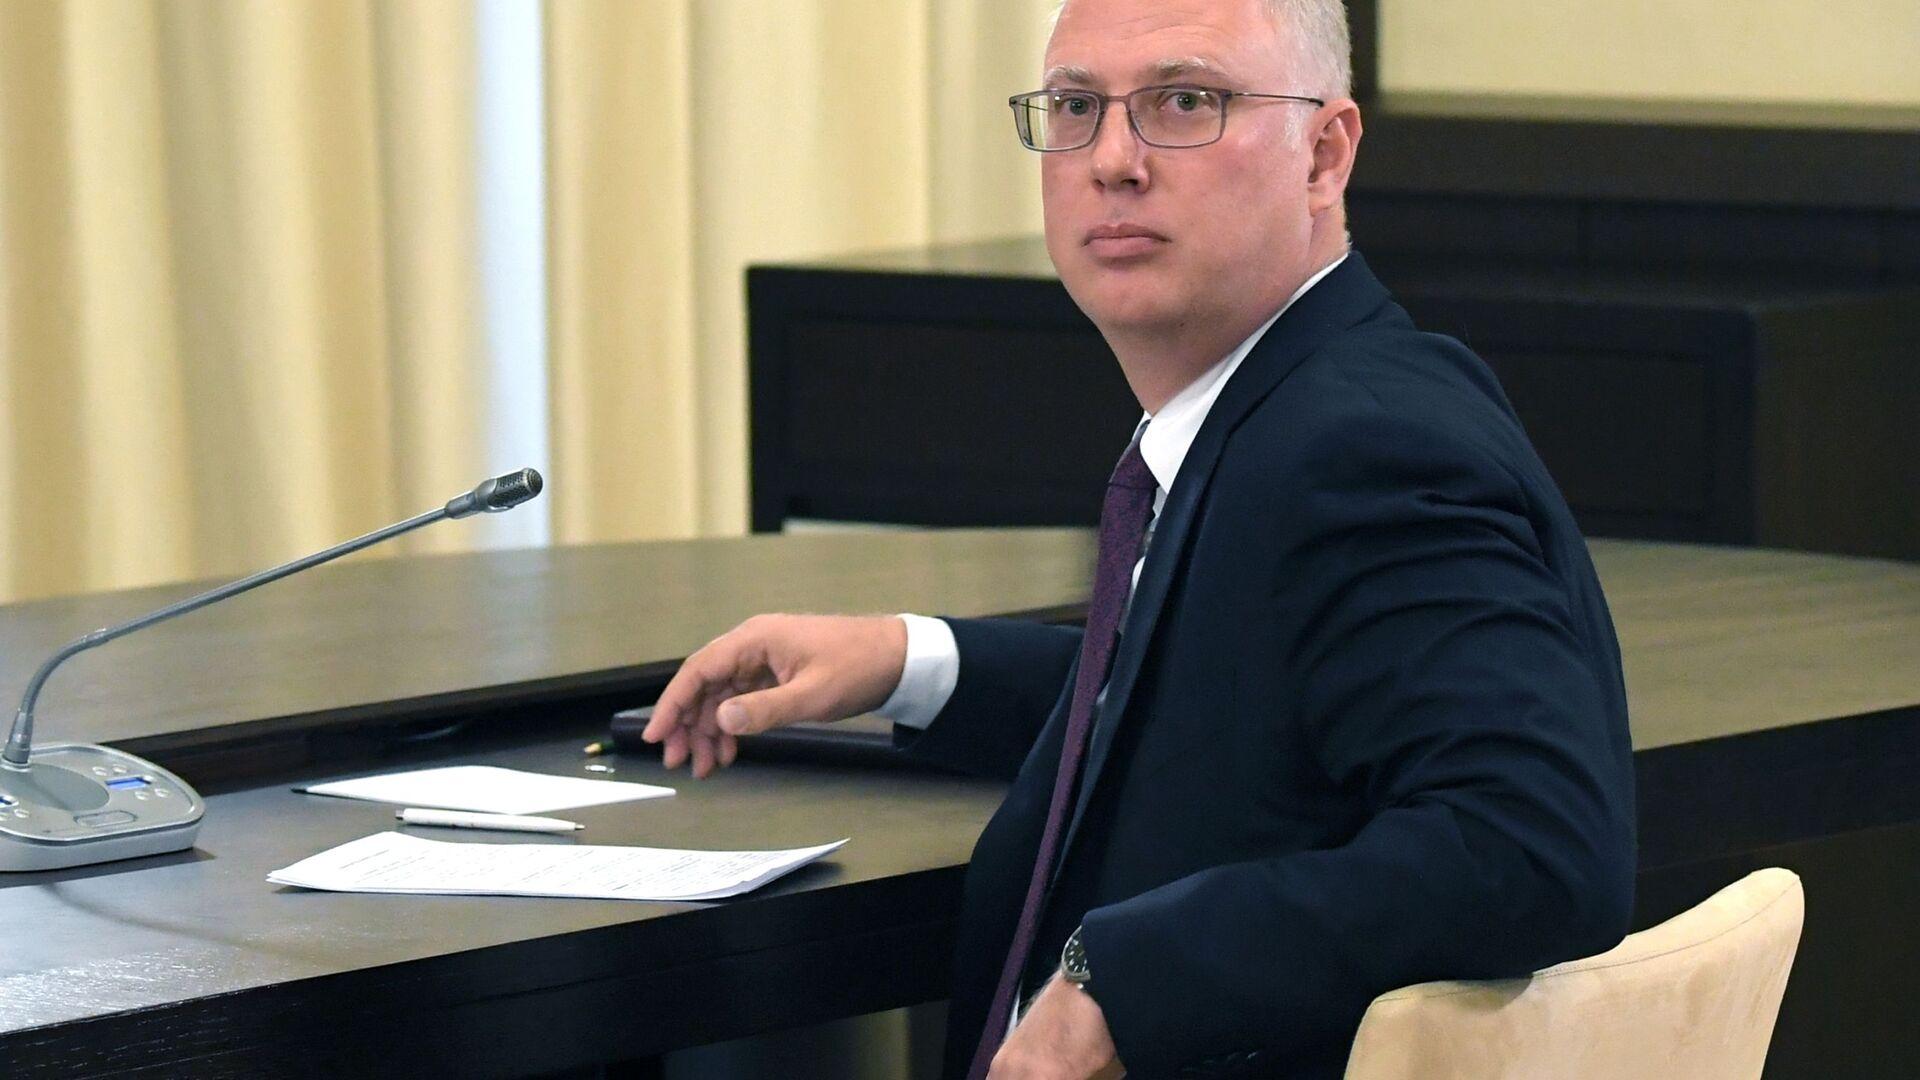 Ředitel Ruského fondu přímých investic Kirill Dmitrijev - Sputnik Česká republika, 1920, 20.02.2021